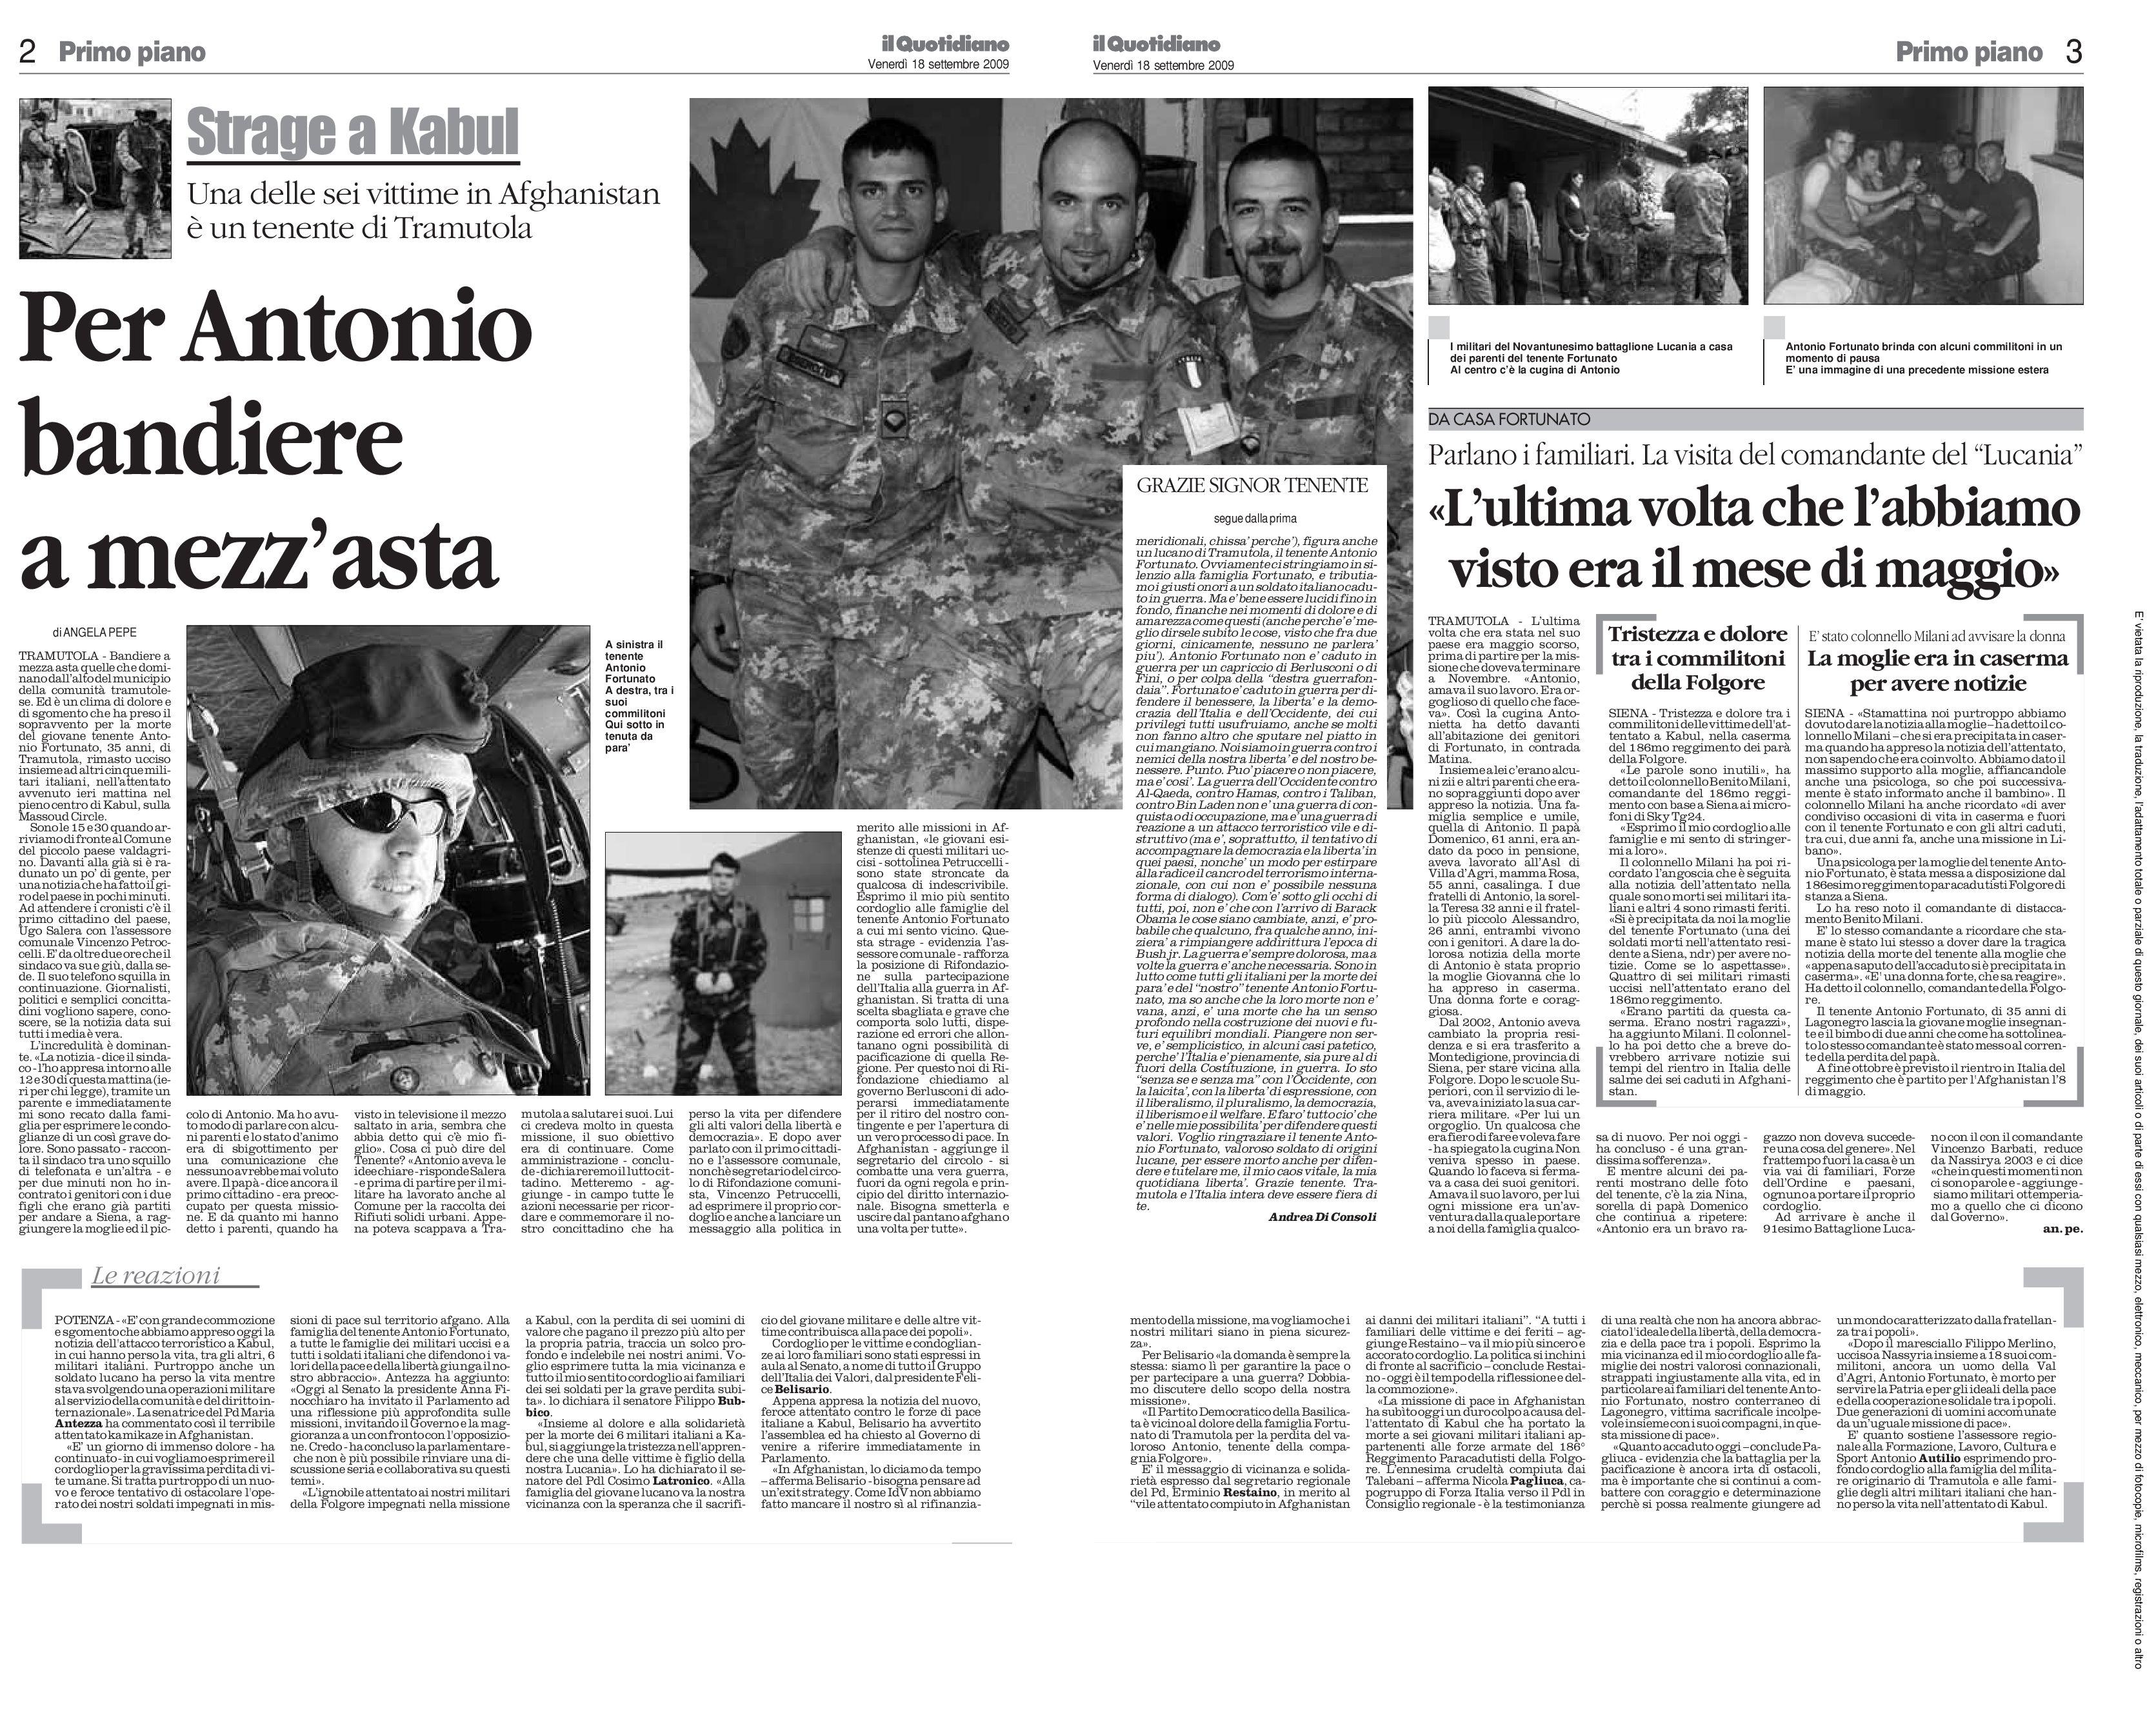 755f69d8aeba0c QB090918 by Antonio Carlucci - issuu